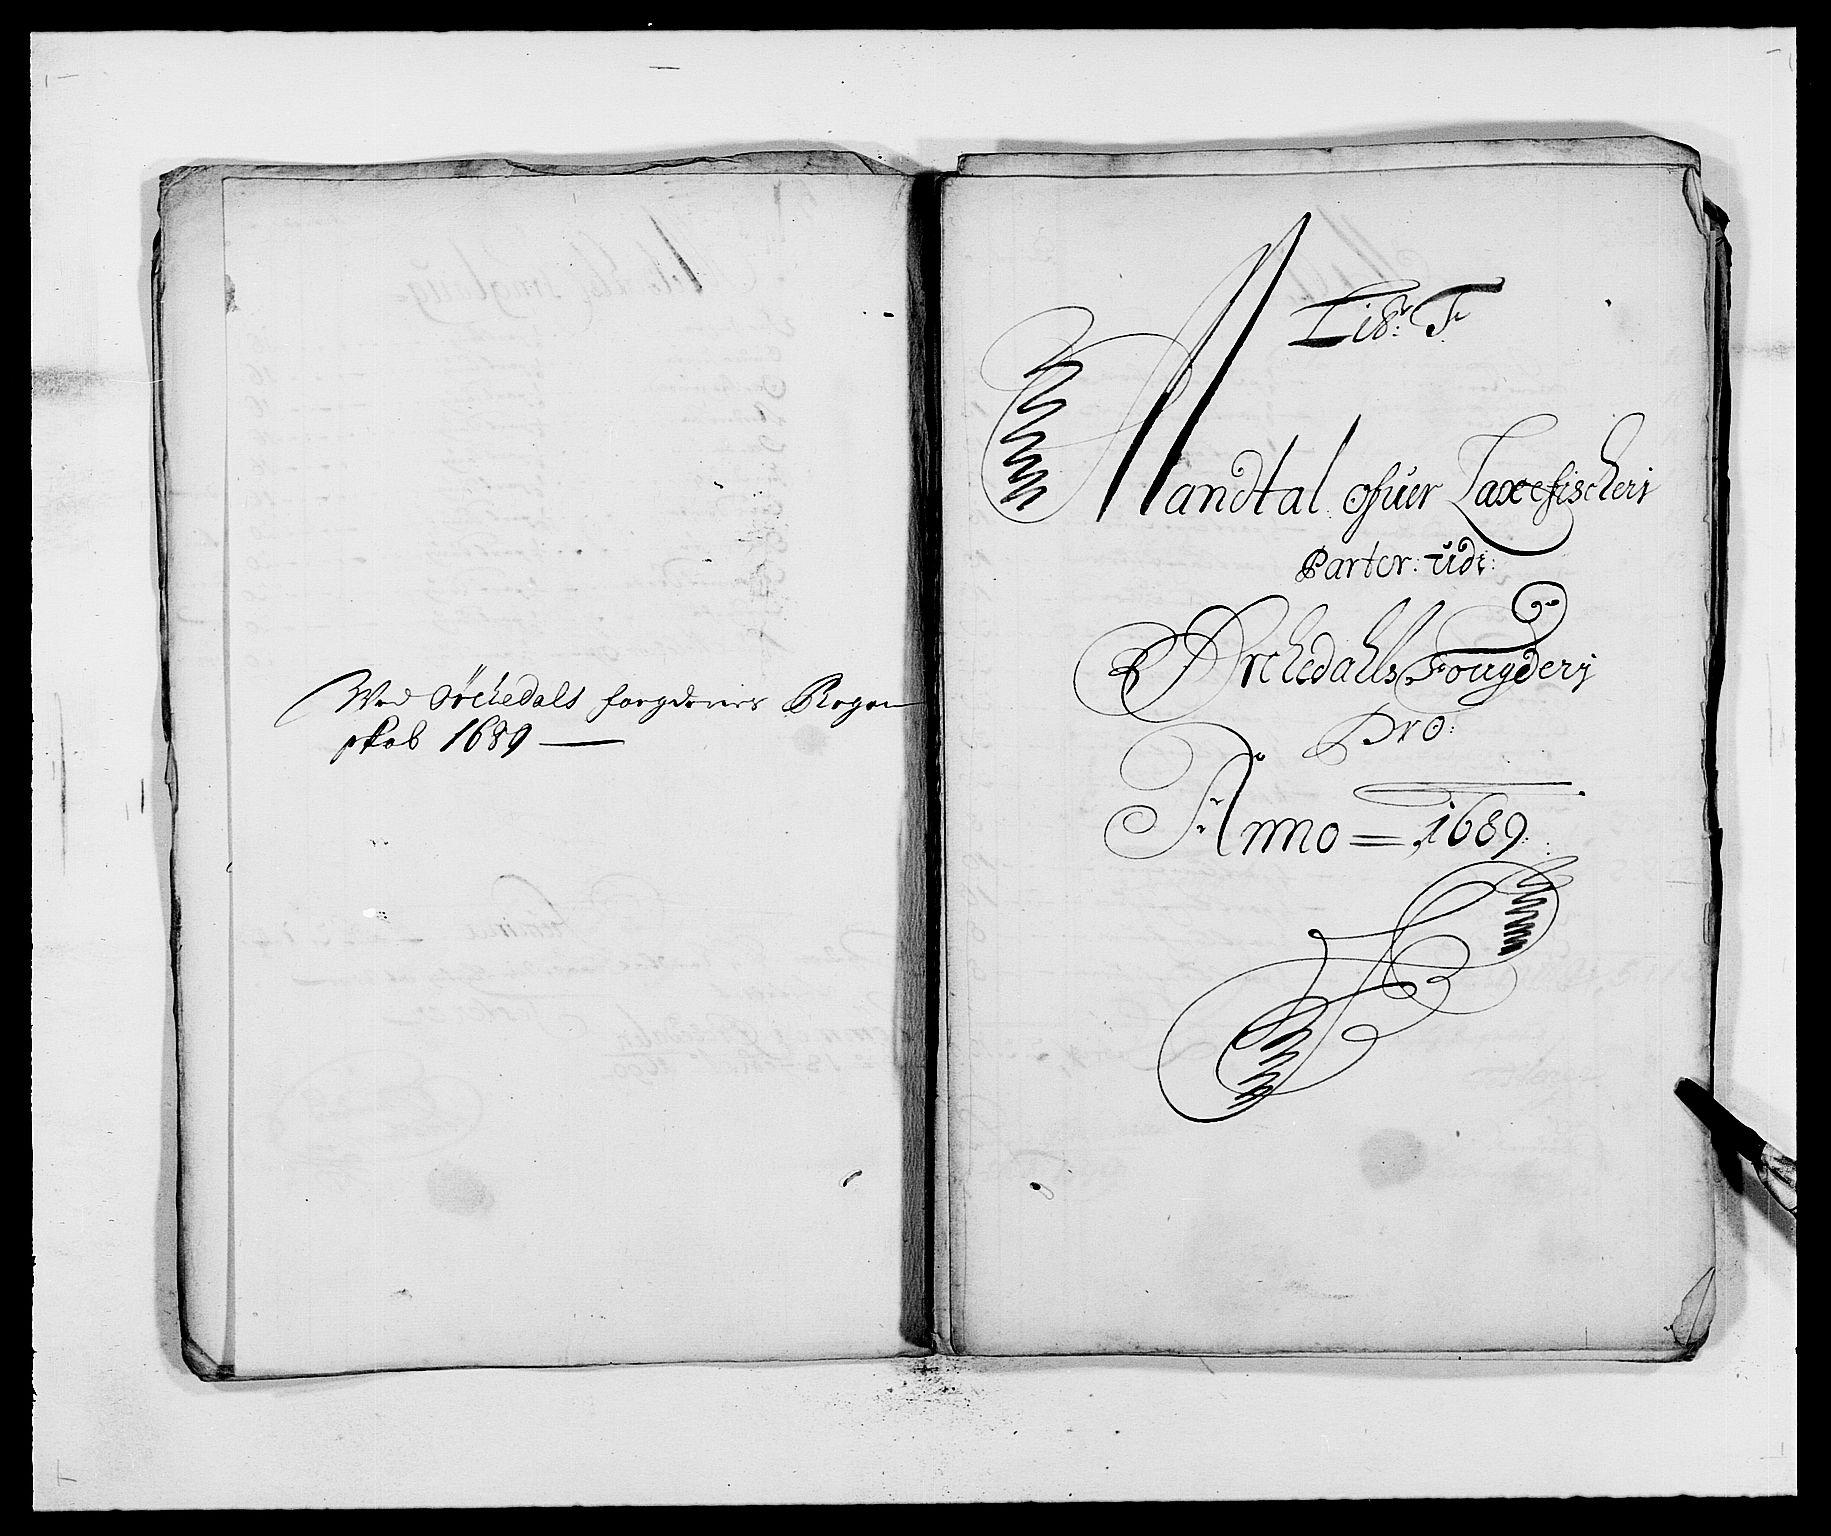 RA, Rentekammeret inntil 1814, Reviderte regnskaper, Fogderegnskap, R58/L3936: Fogderegnskap Orkdal, 1689-1690, s. 70